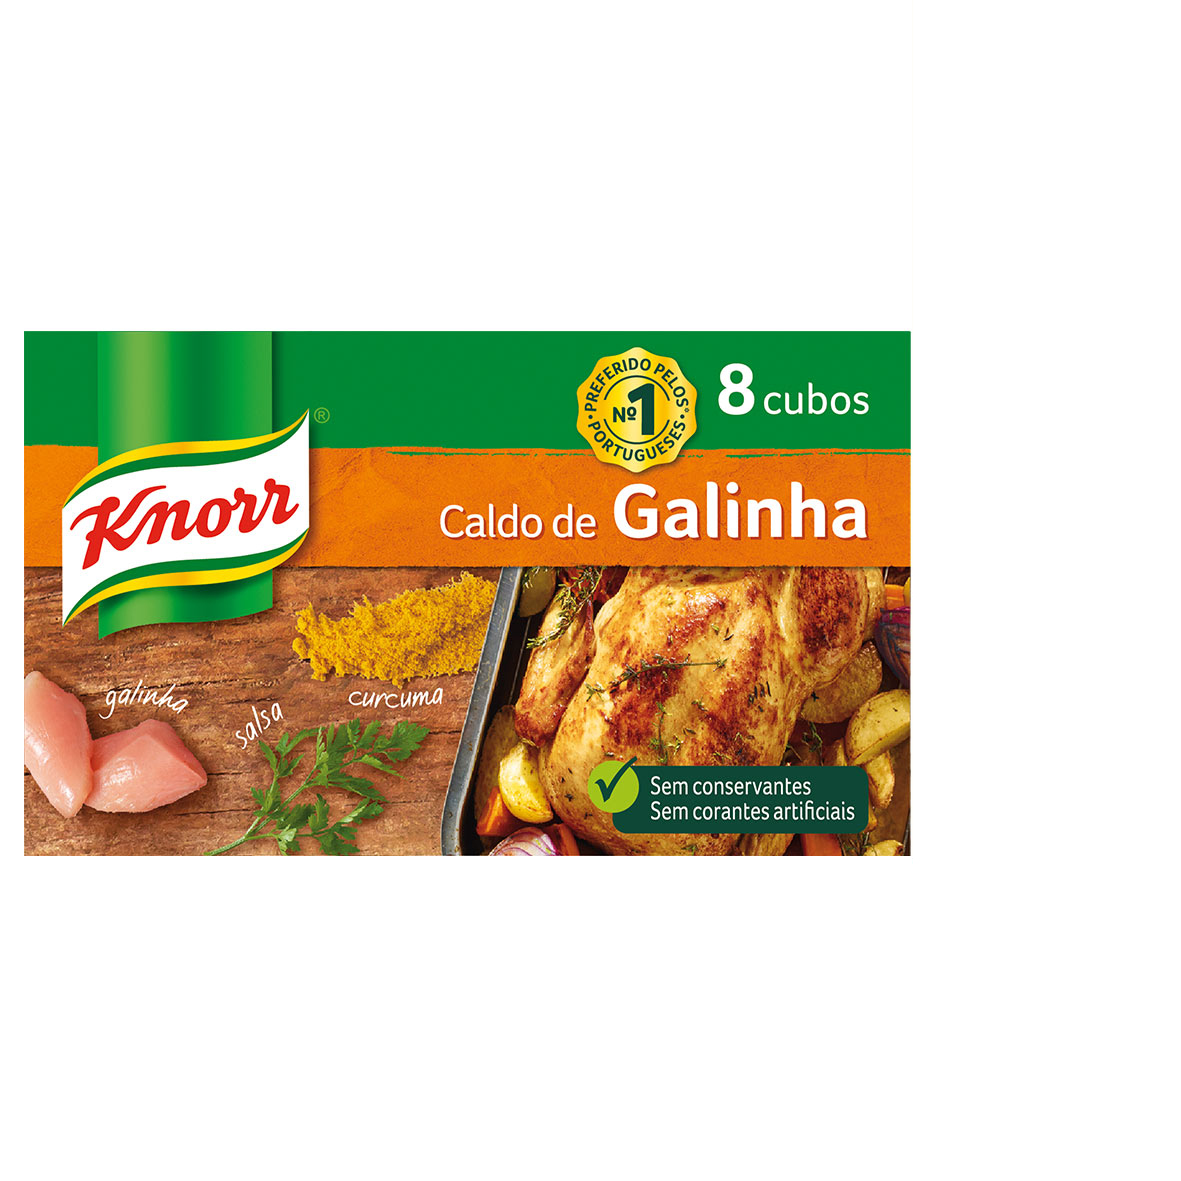 Knorr Caldo Galinha 8 cubos